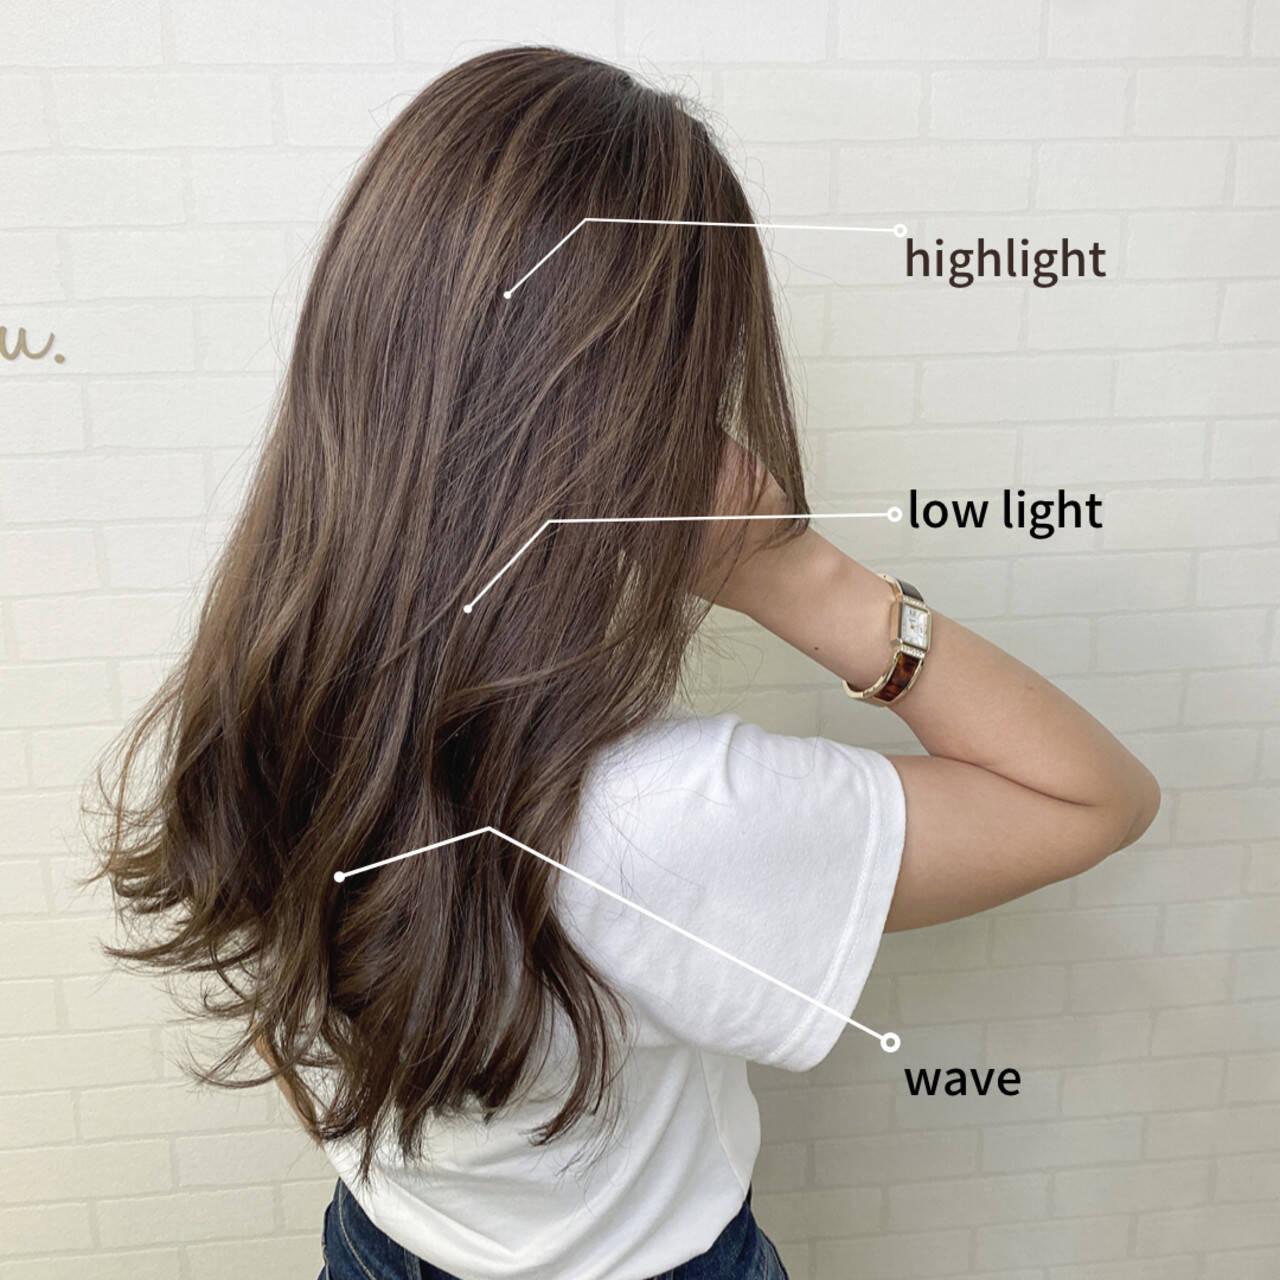 透明感カラー バレイヤージュ ミルクティーベージュ ロングヘアスタイルや髪型の写真・画像